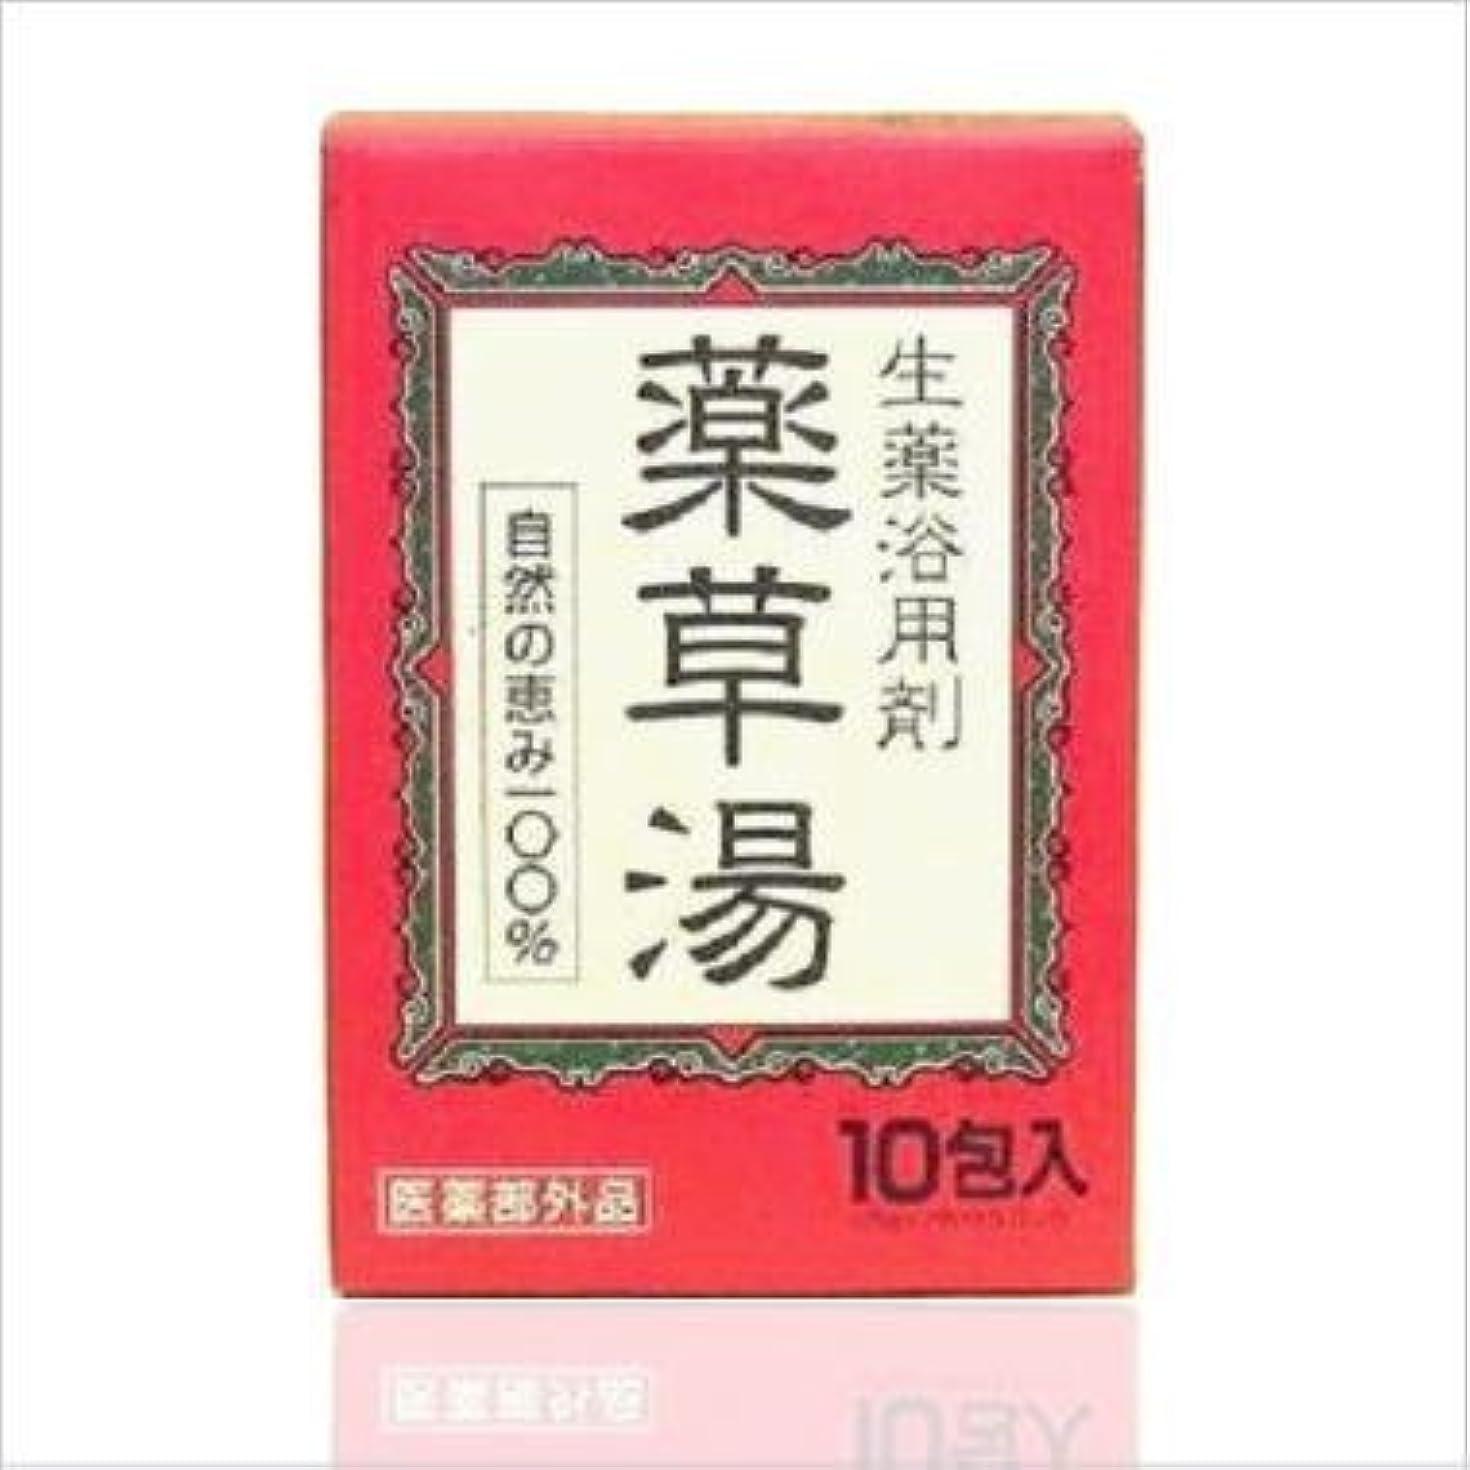 取り戻すぼかしポーズライオンケミカル 生薬浴用剤 薬草湯 10包 x 24個セット